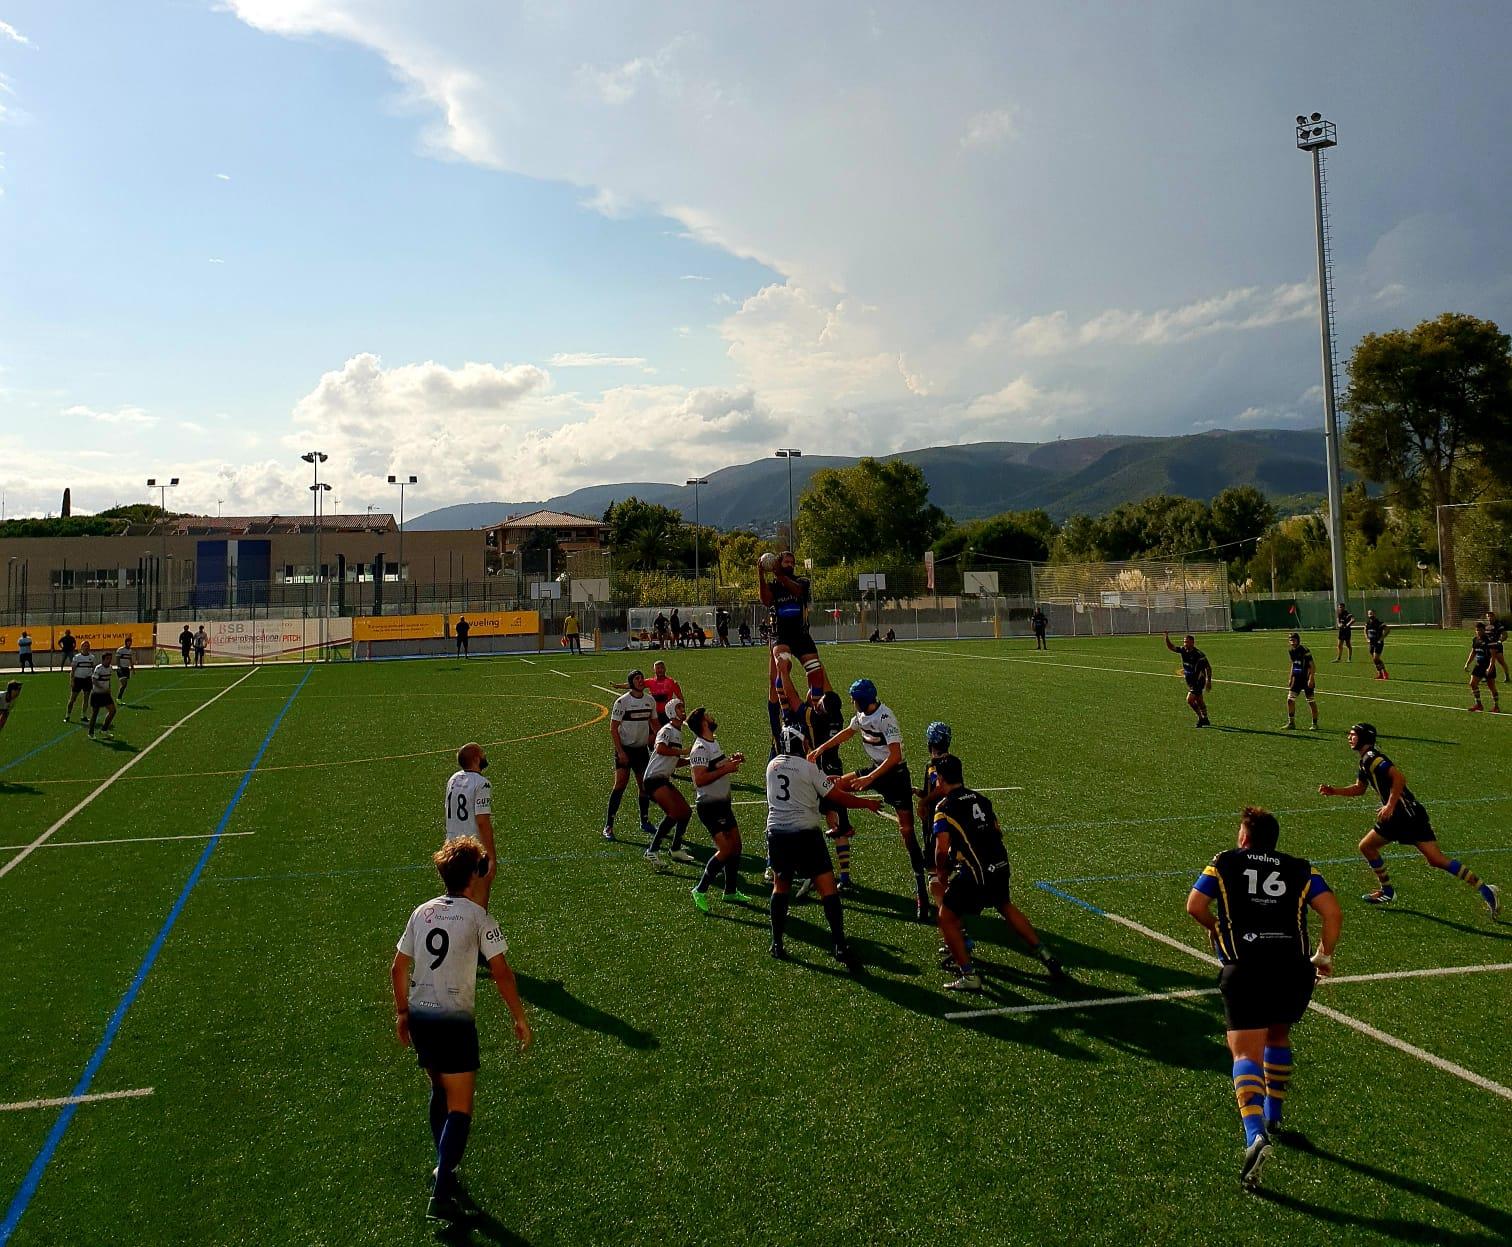 partido amistoso entre el CRUC senior masculino y el RC Sitges